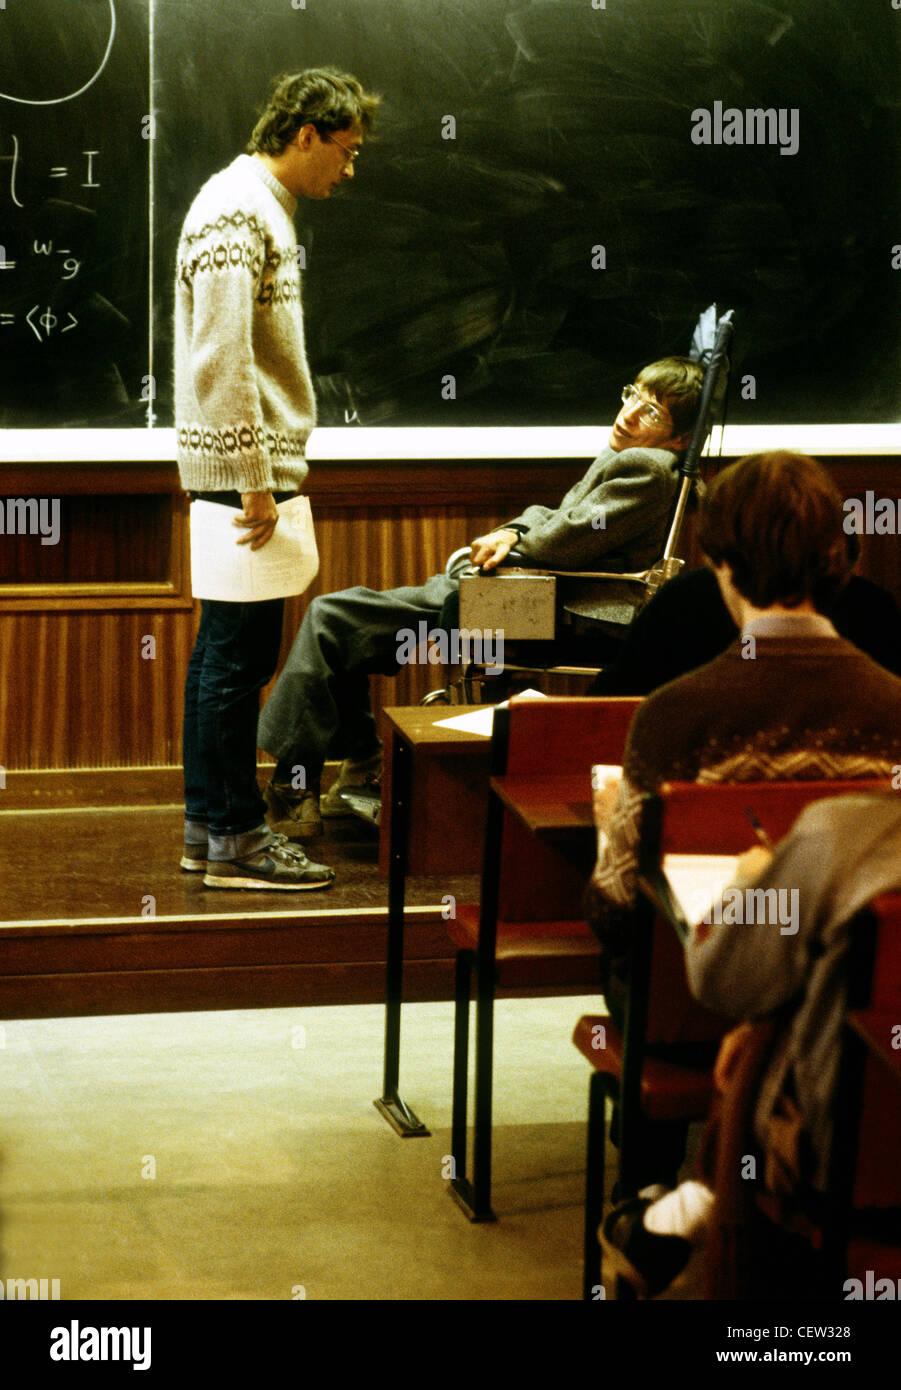 Professor Stephen Hawkins lectures in Cambridge - Stock Image